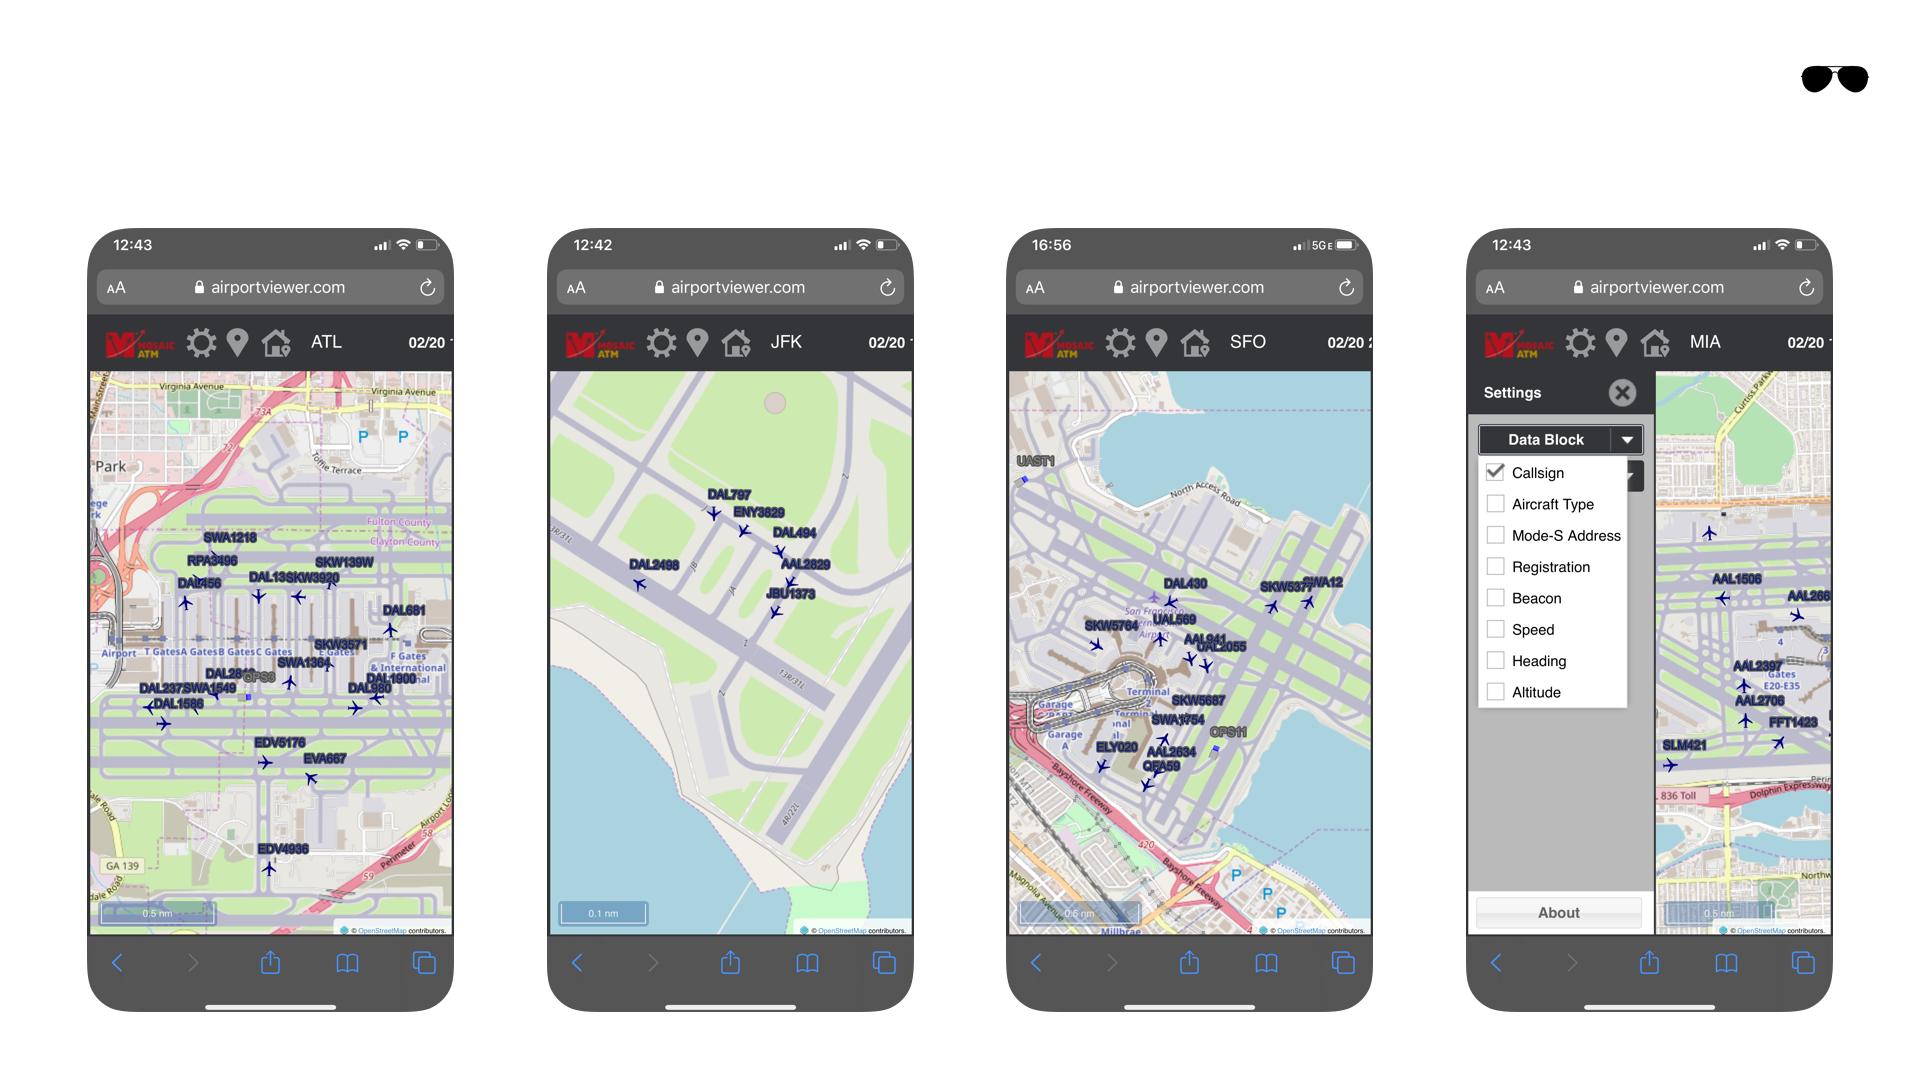 אפליקציות לטייסים - מפה חיה של שדות תעופה